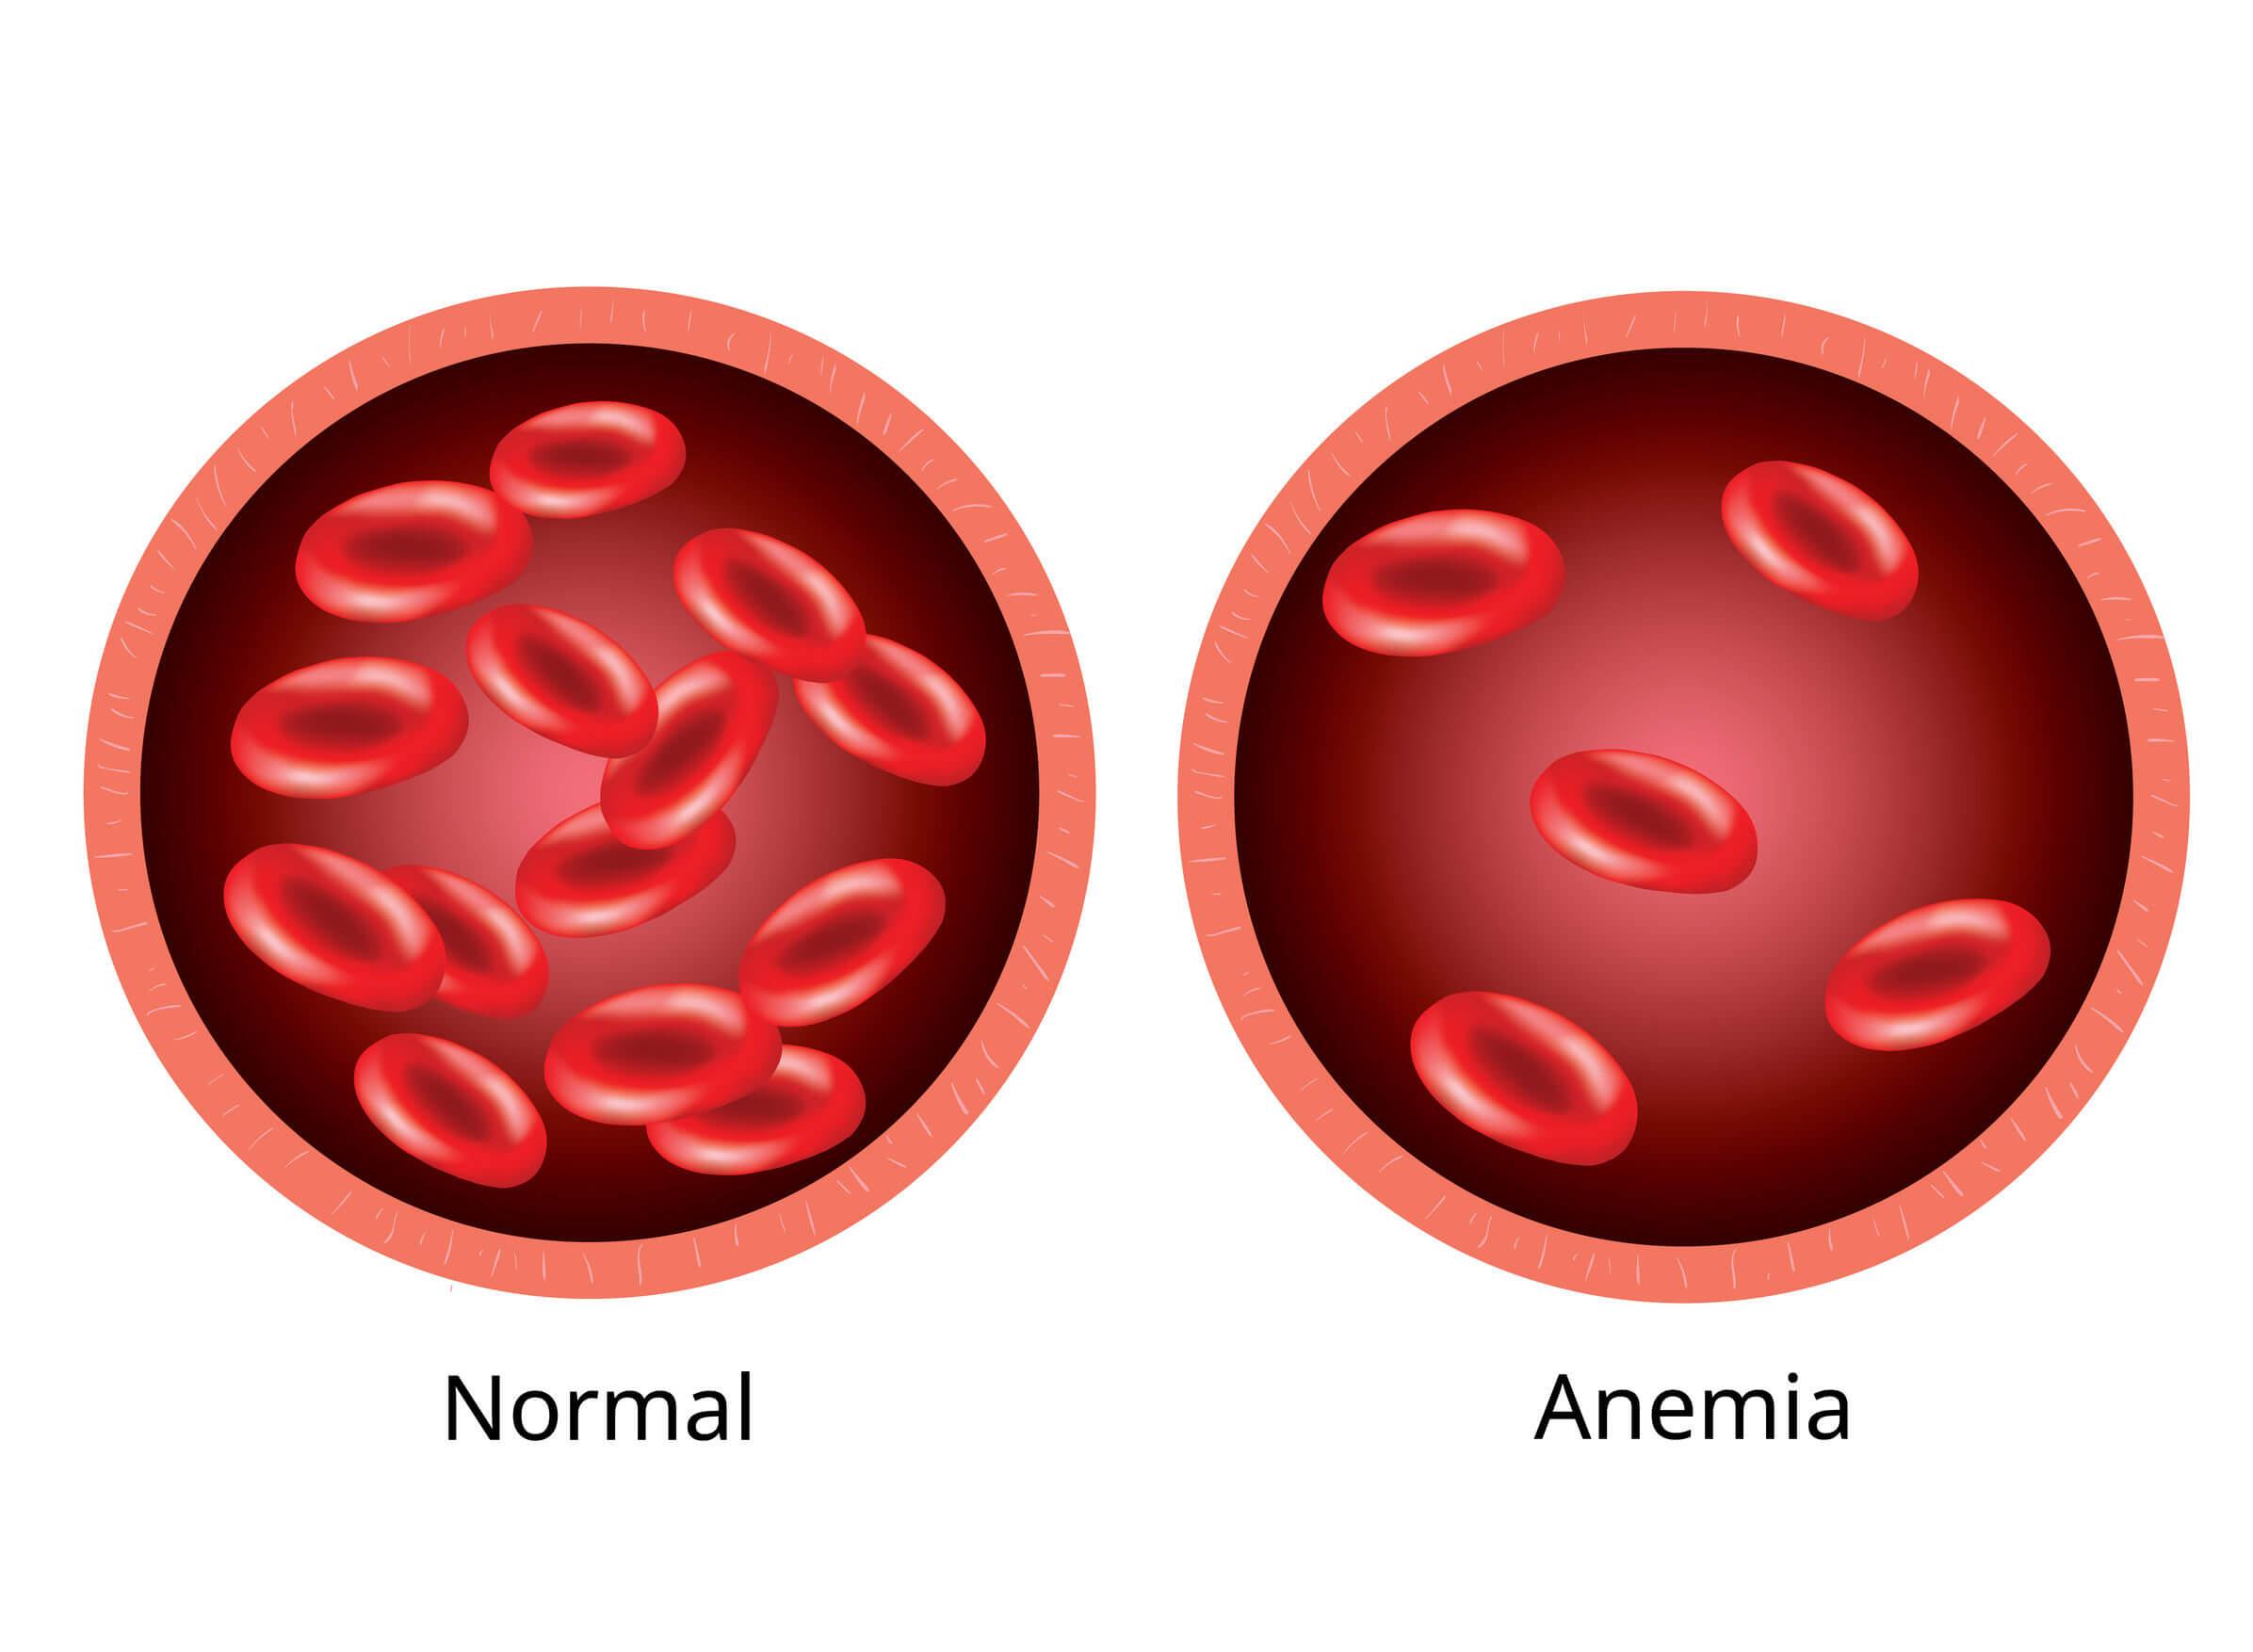 La anemia en niños se debe a problemas con los glóbulos rojos.